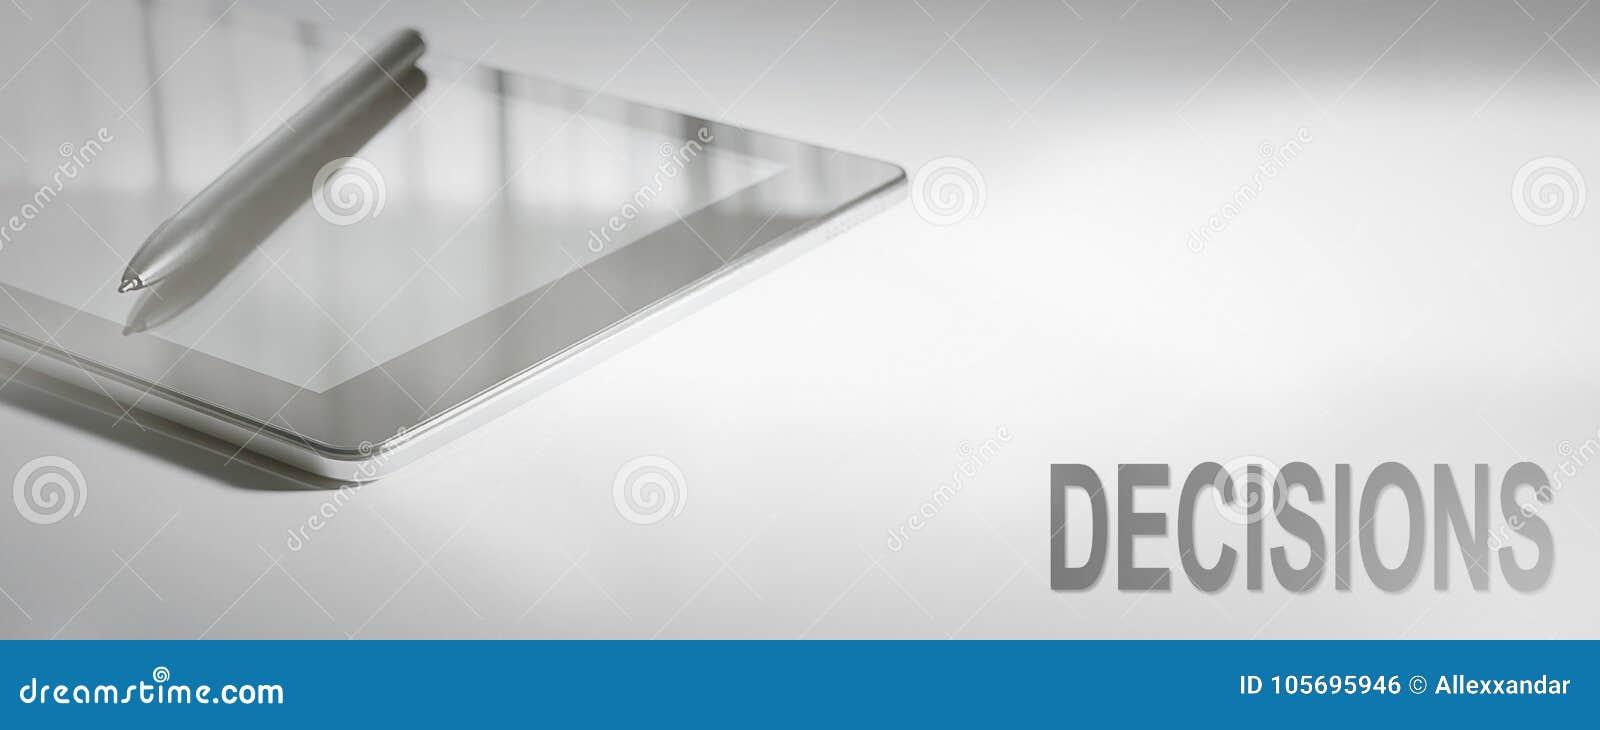 ENTSCHEIDUNGEN Geschäfts-Konzept-Digitaltechnik